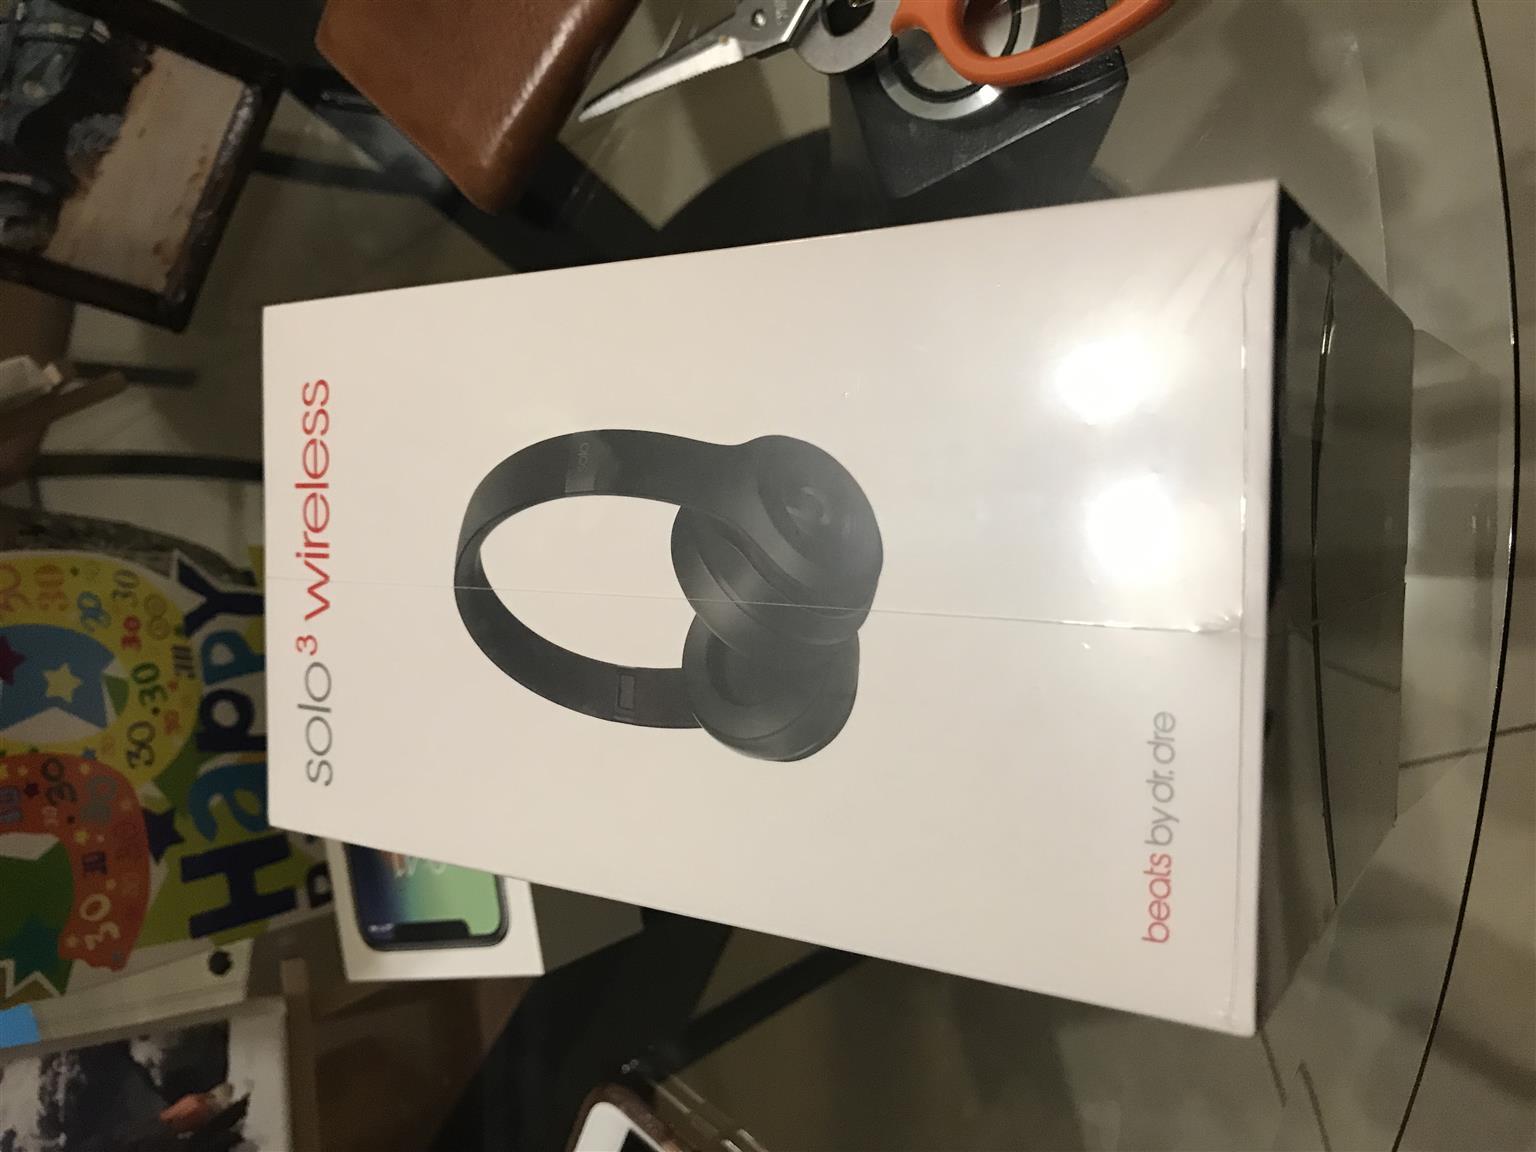 Unopened Beats Solo 3 Earphones for sale